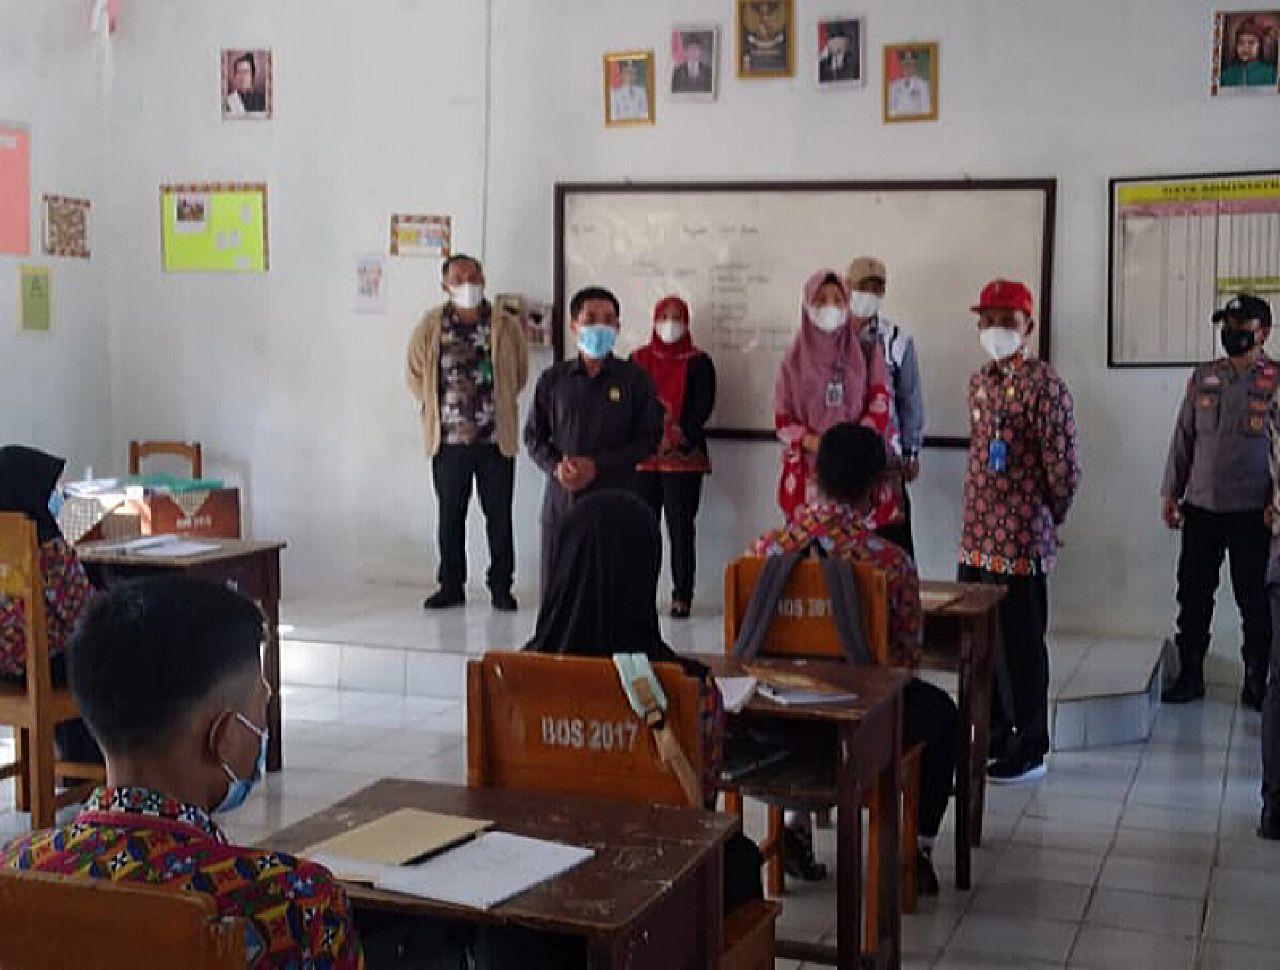 Ketua DPRD Kabupaten Lambar, Edi Novial Monitoring Kegiatan Belajar Di Beberapa Titik